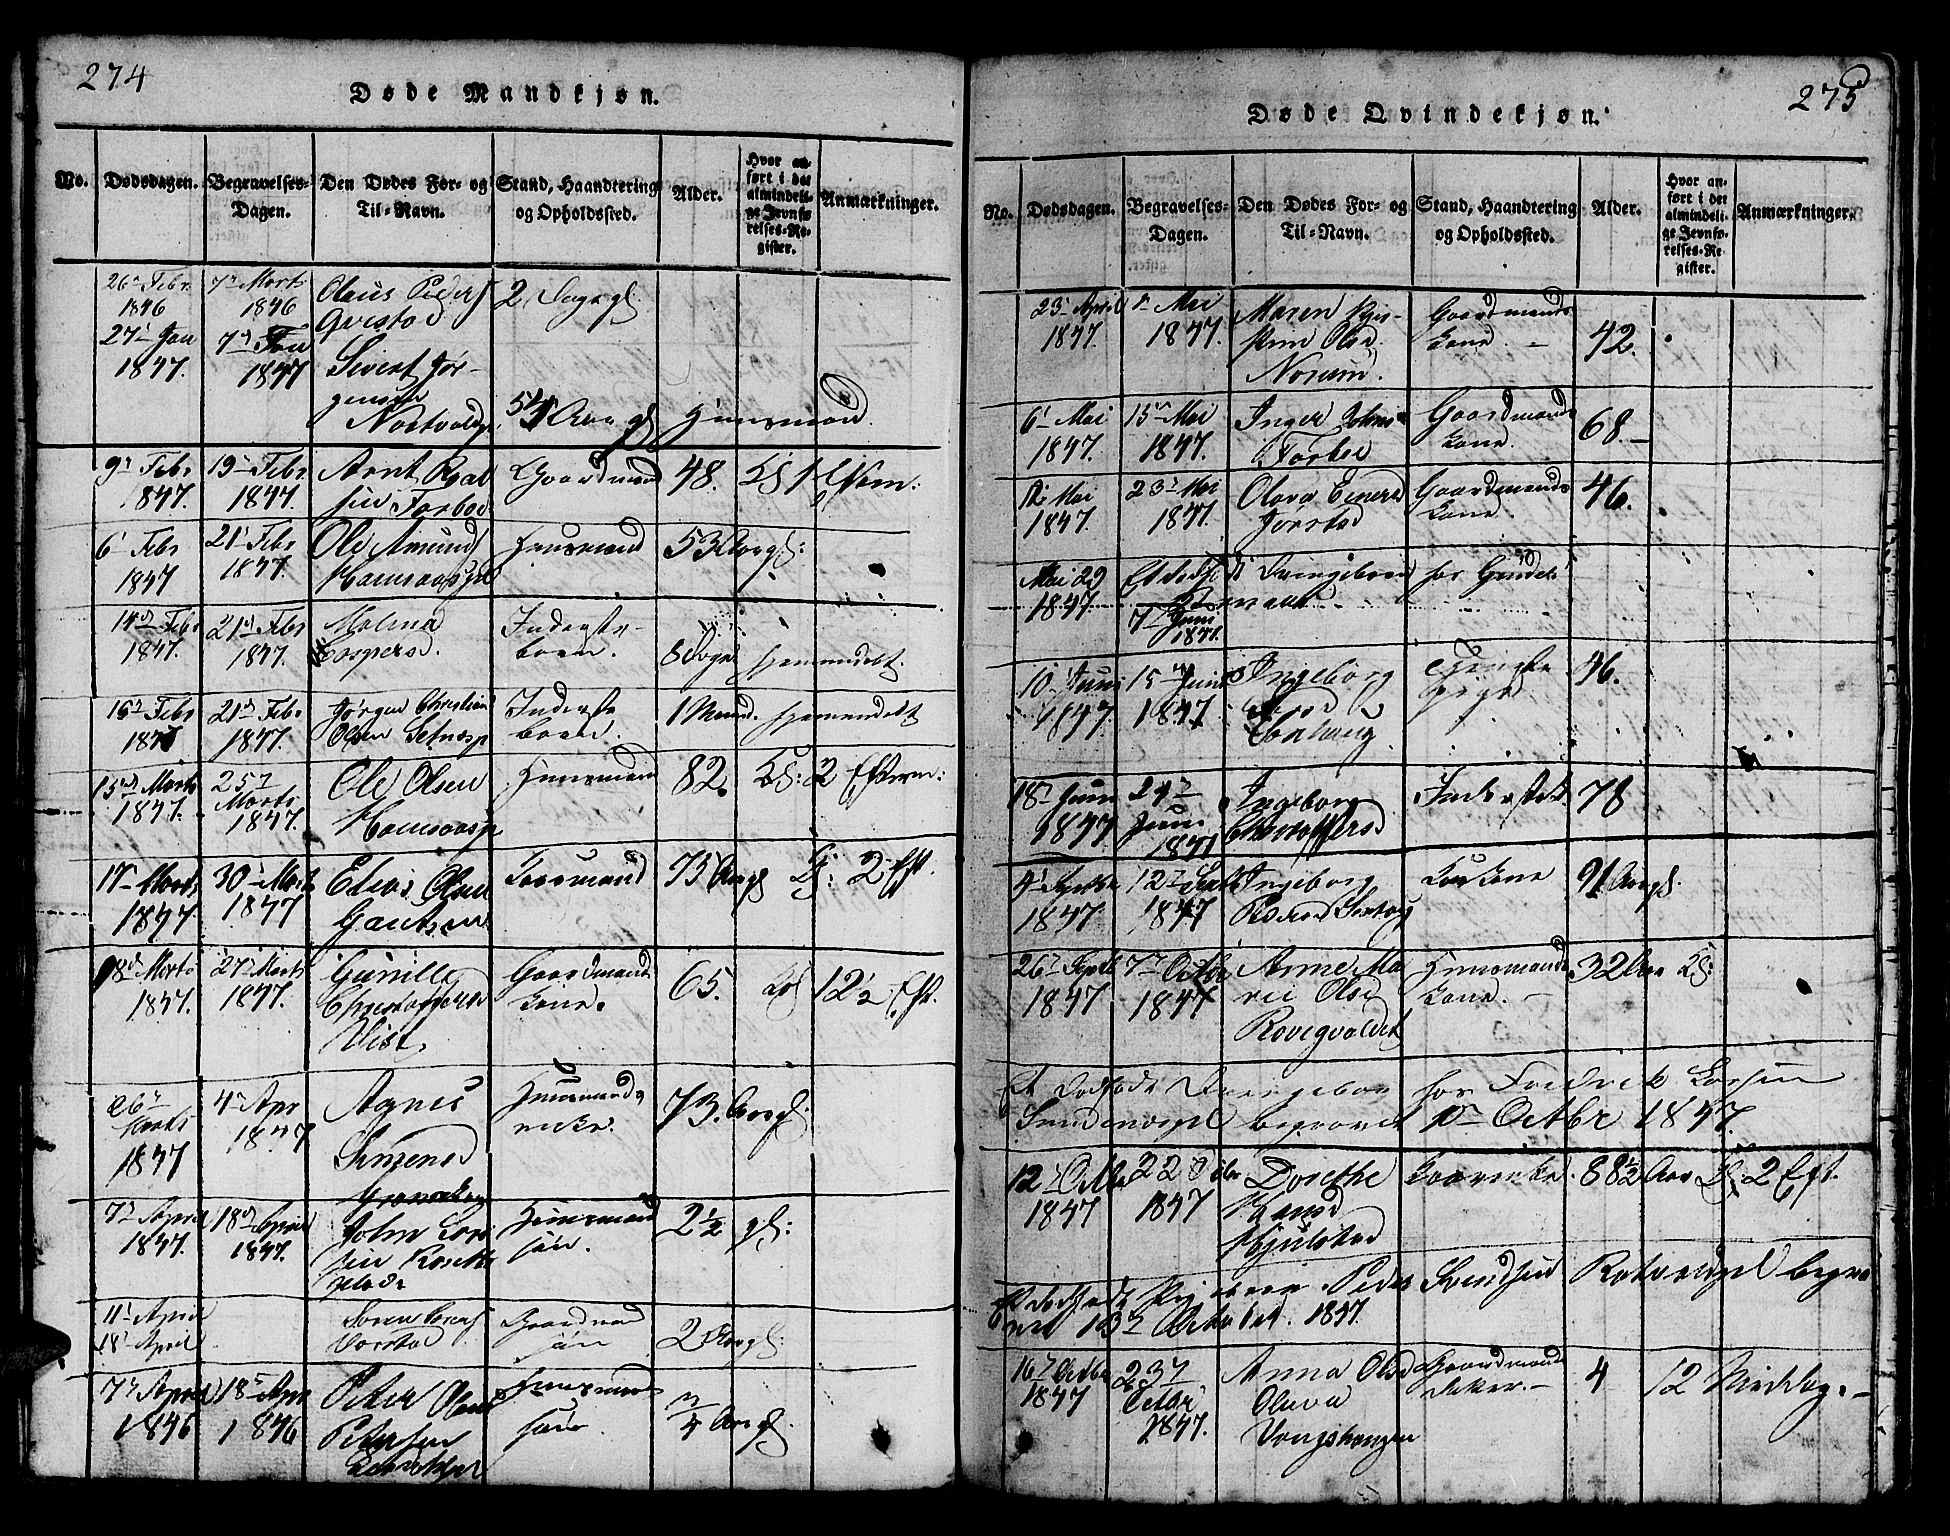 SAT, Ministerialprotokoller, klokkerbøker og fødselsregistre - Nord-Trøndelag, 730/L0298: Klokkerbok nr. 730C01, 1816-1849, s. 274-275